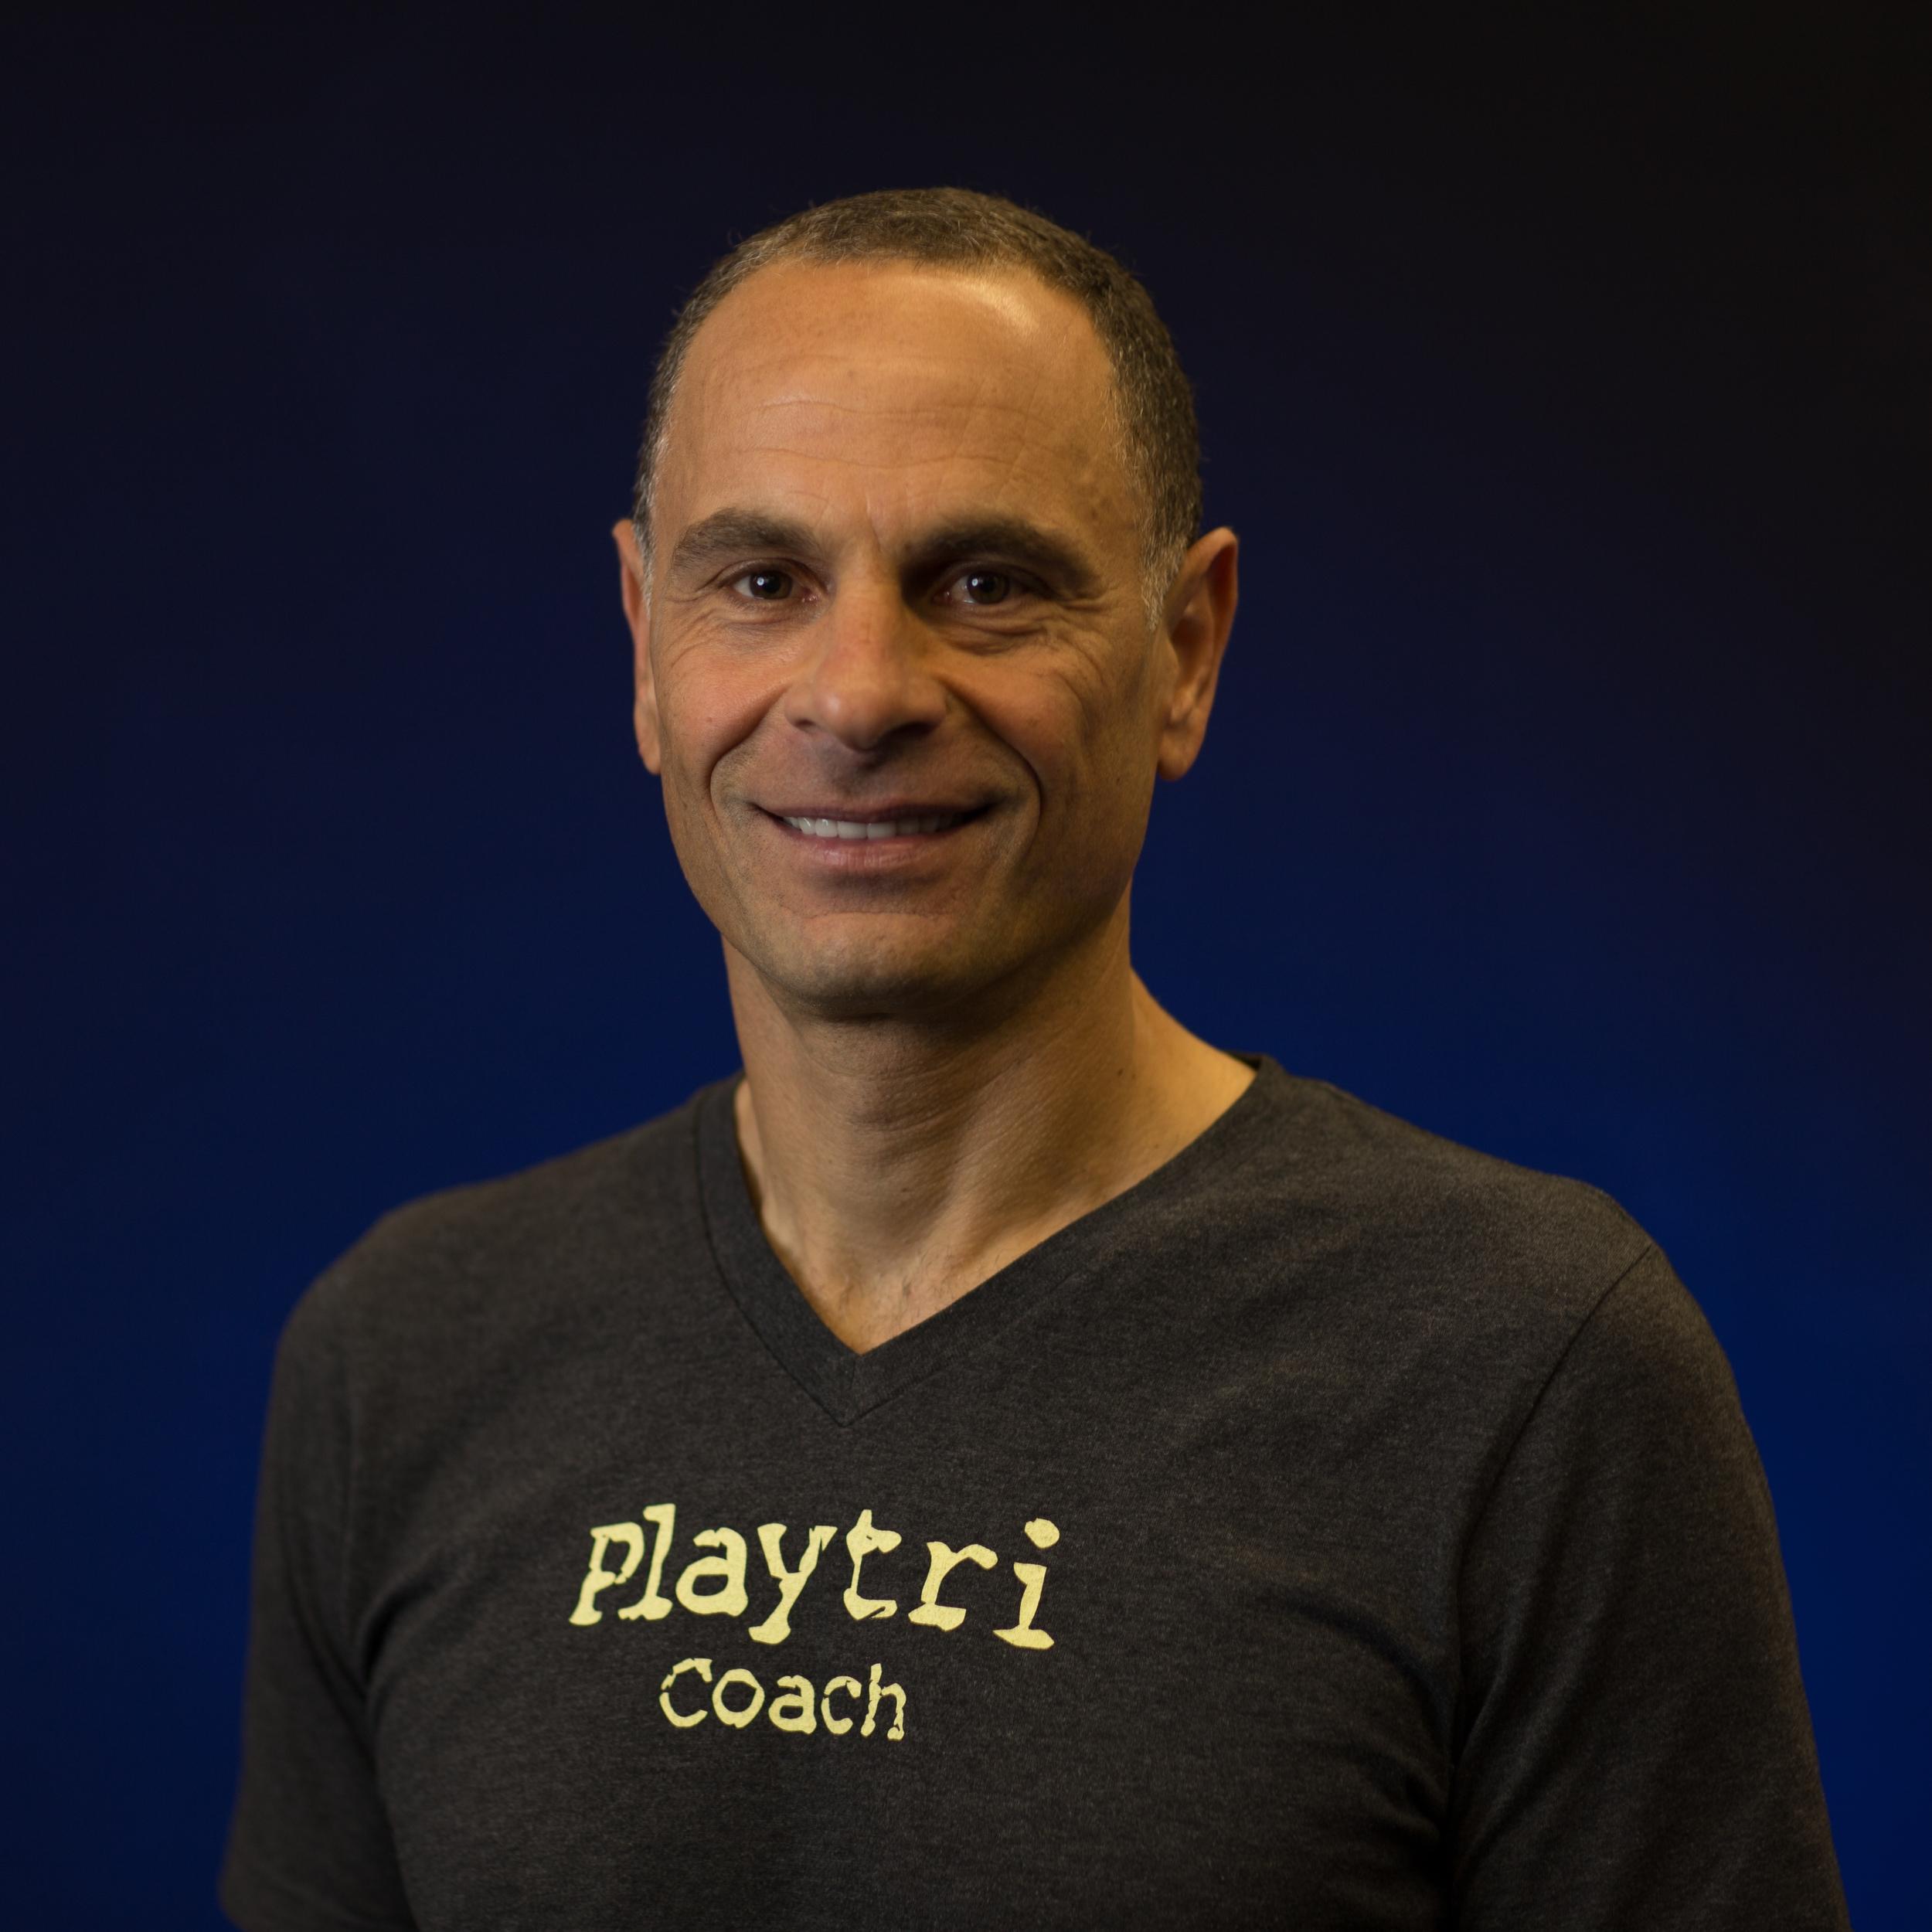 Ahmed Zaher, Head Playtri Coach